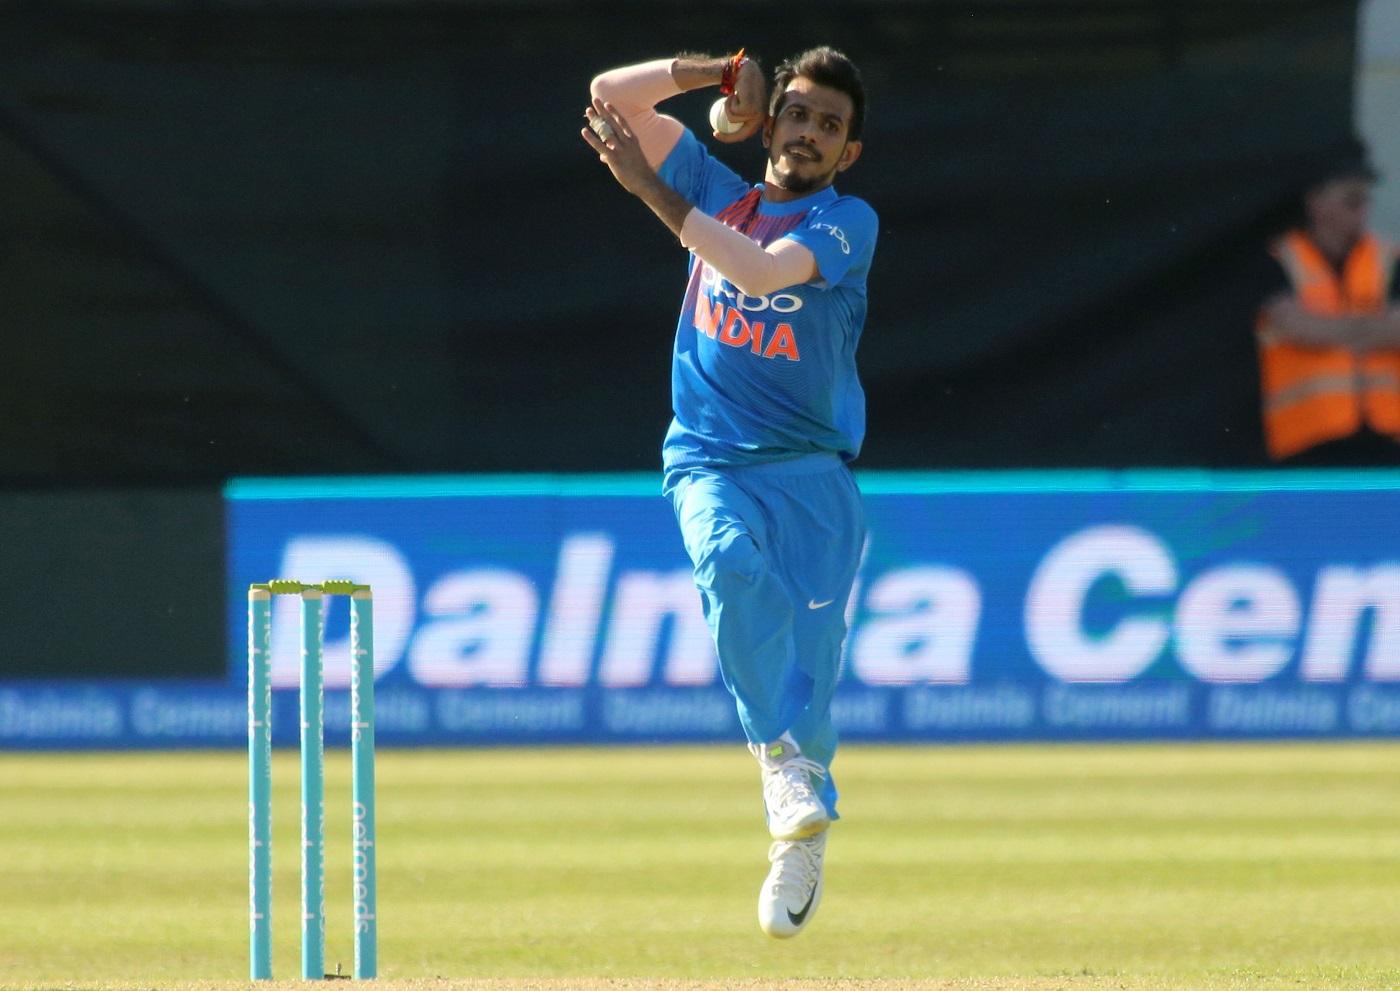 लक्ष्मण शिवरामकृष्णन विश्वकप-2019 तक भारतीय स्पिन गेंदबाजी के कोच बनने के लिए तैयार 4